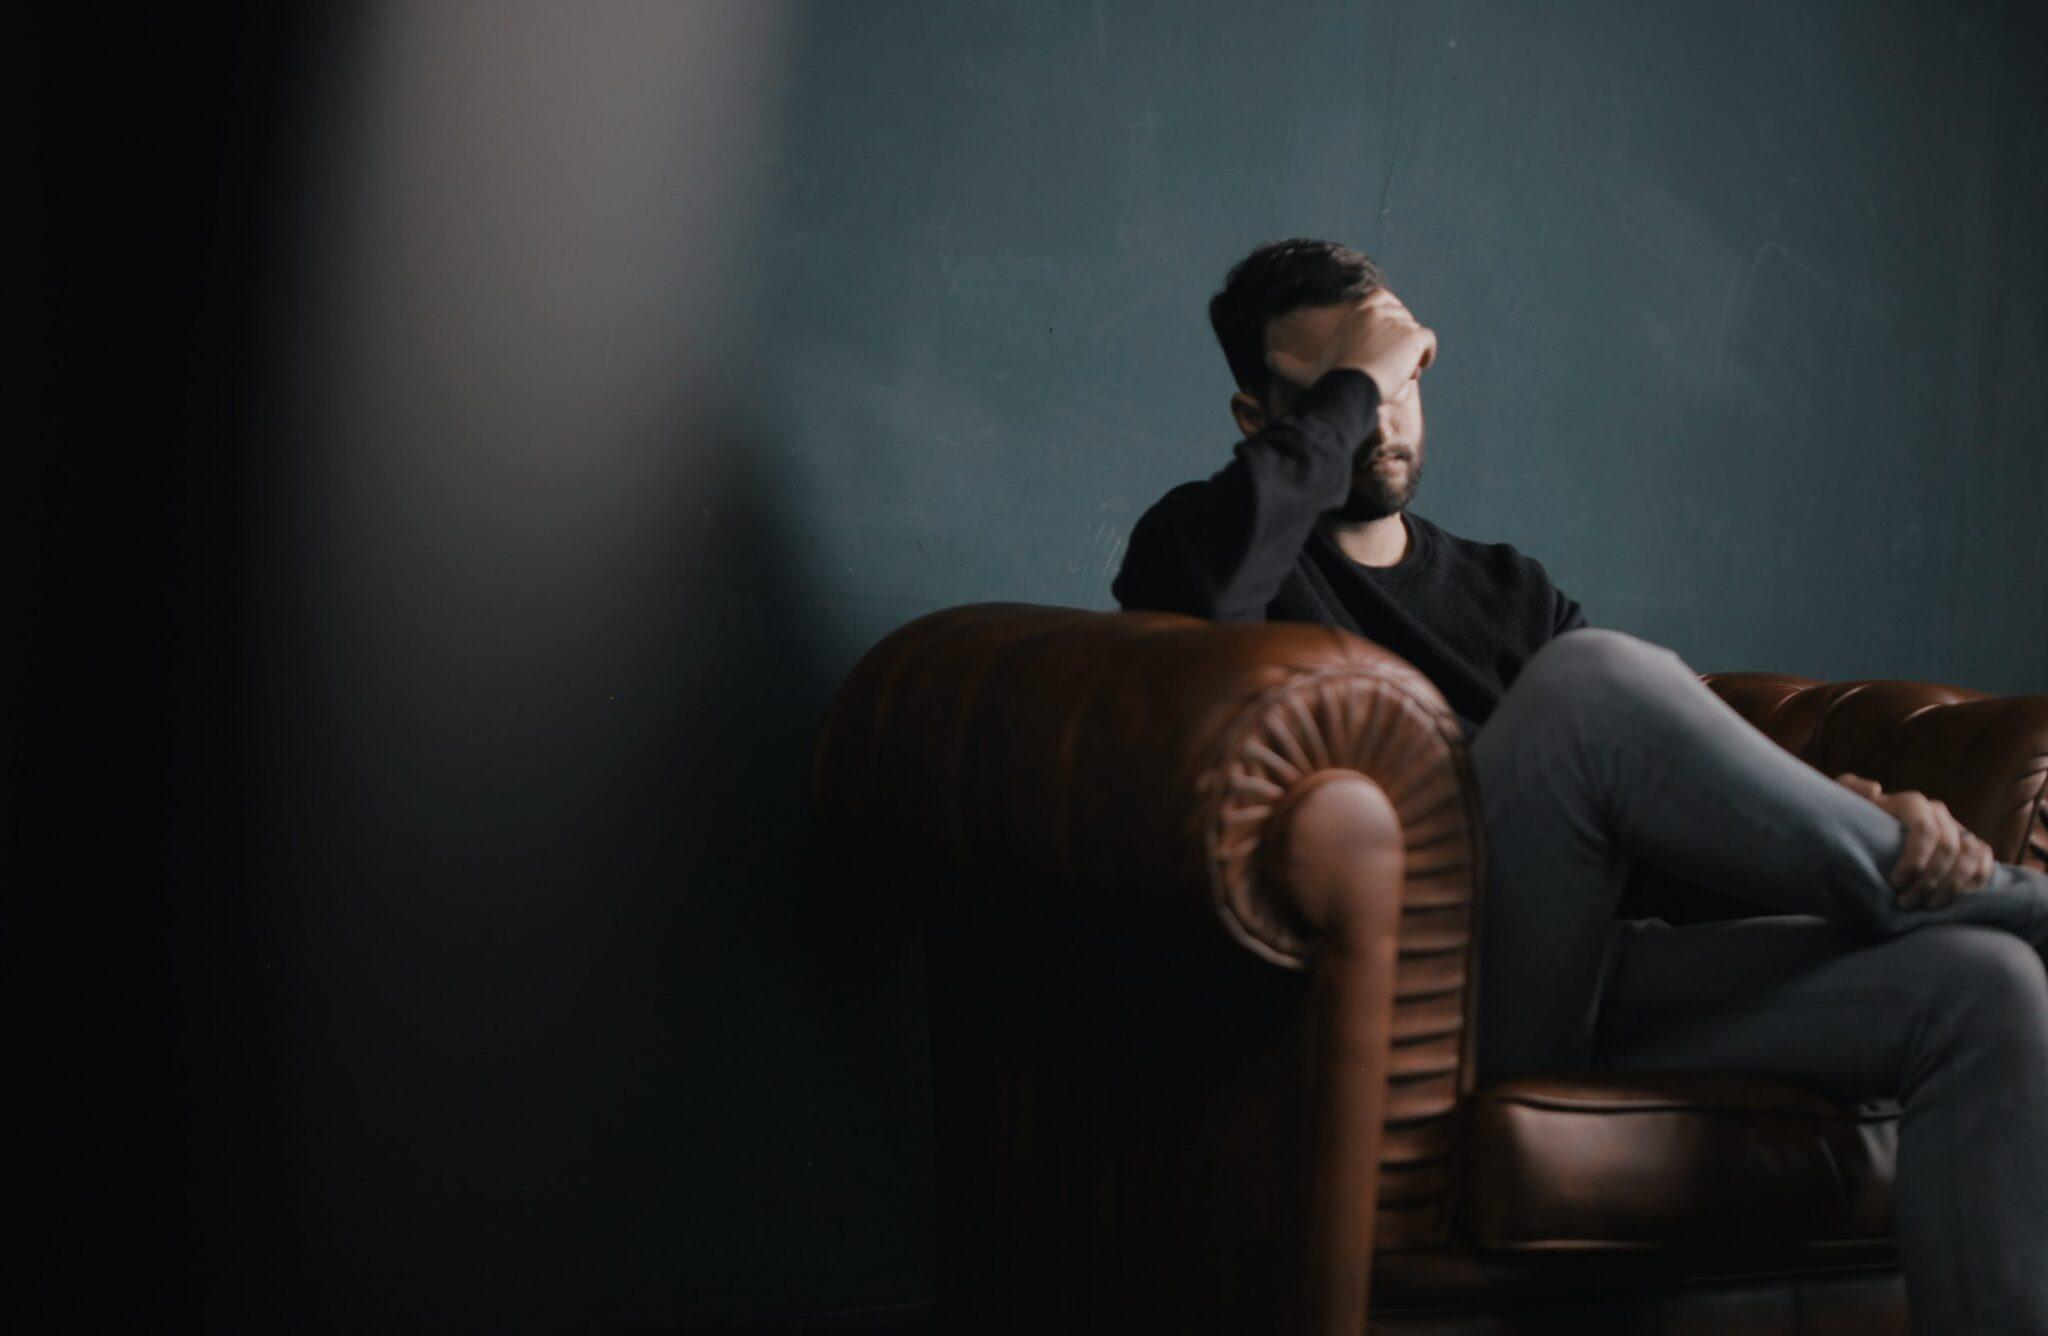 Sindrome del maschio irritabile: pure gli uomini hanno il ciclo e diventano insopportabili.<br> Nervosismo, stanchezza, gonfiore, sensibilità emotiva, cefalea, disturbi del sonno, questi ed altri sono i sintomi più frequenti